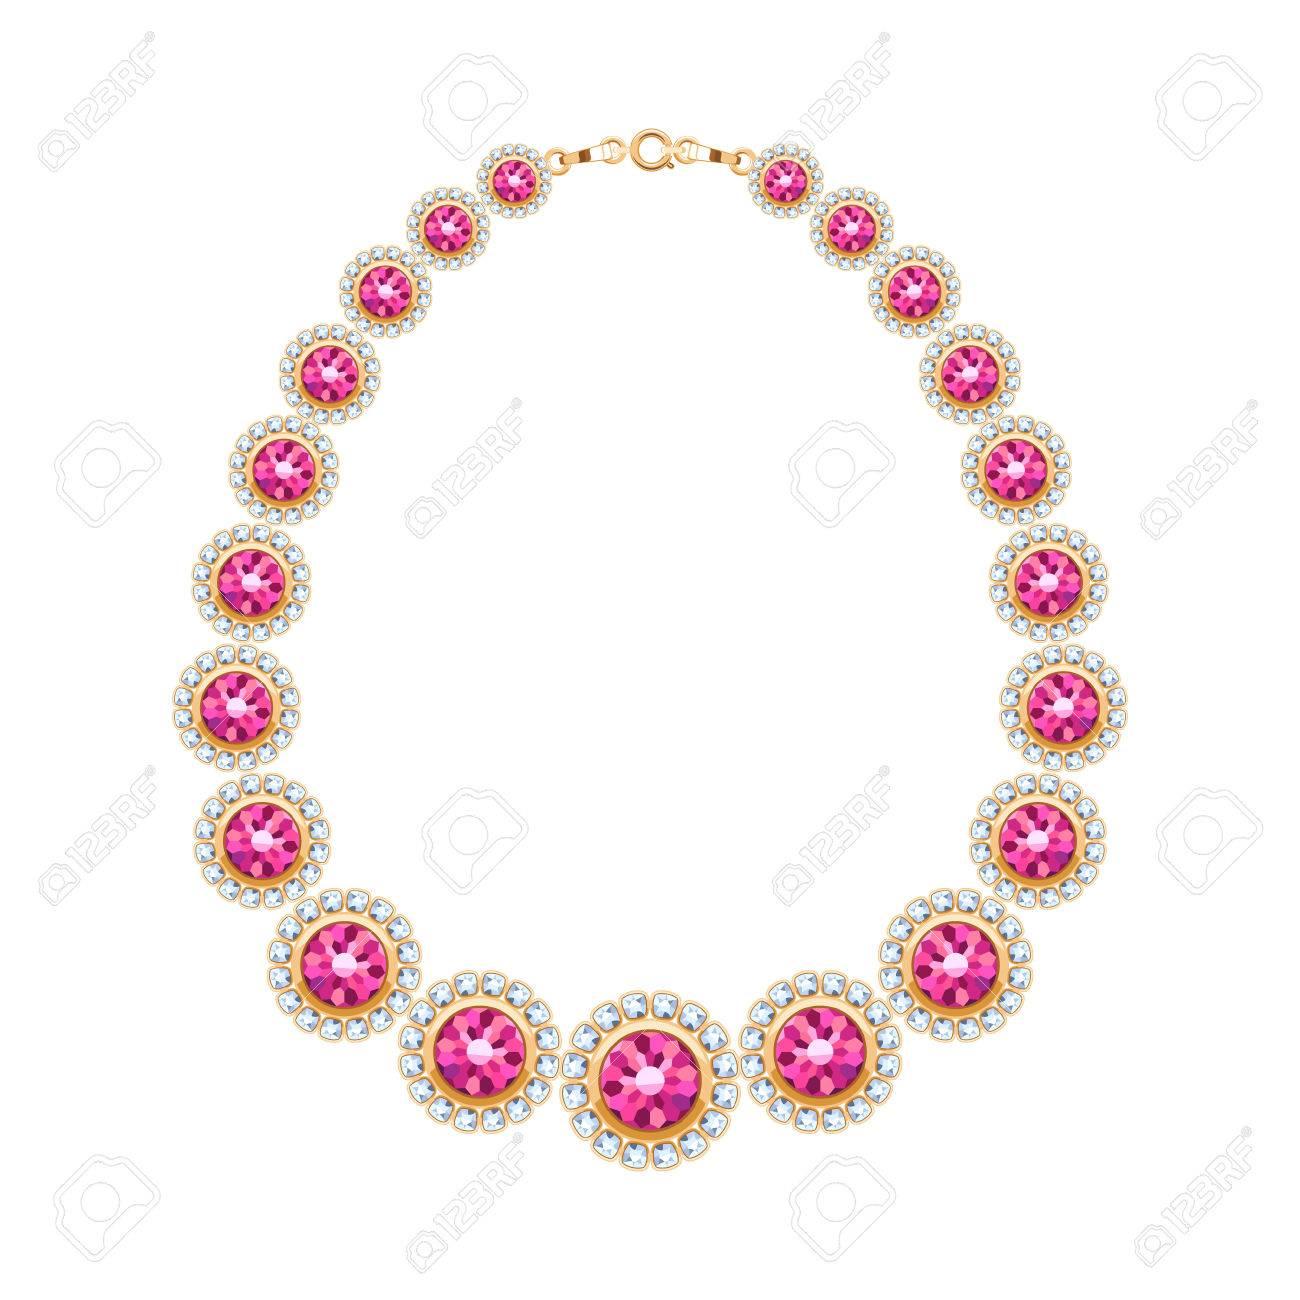 6a0888dab213 Foto de archivo - Las piedras preciosas la cadena del collar metálico de  oro o una pulsera de rubíes y diamantes. diseño de accesorio de moda  personal.